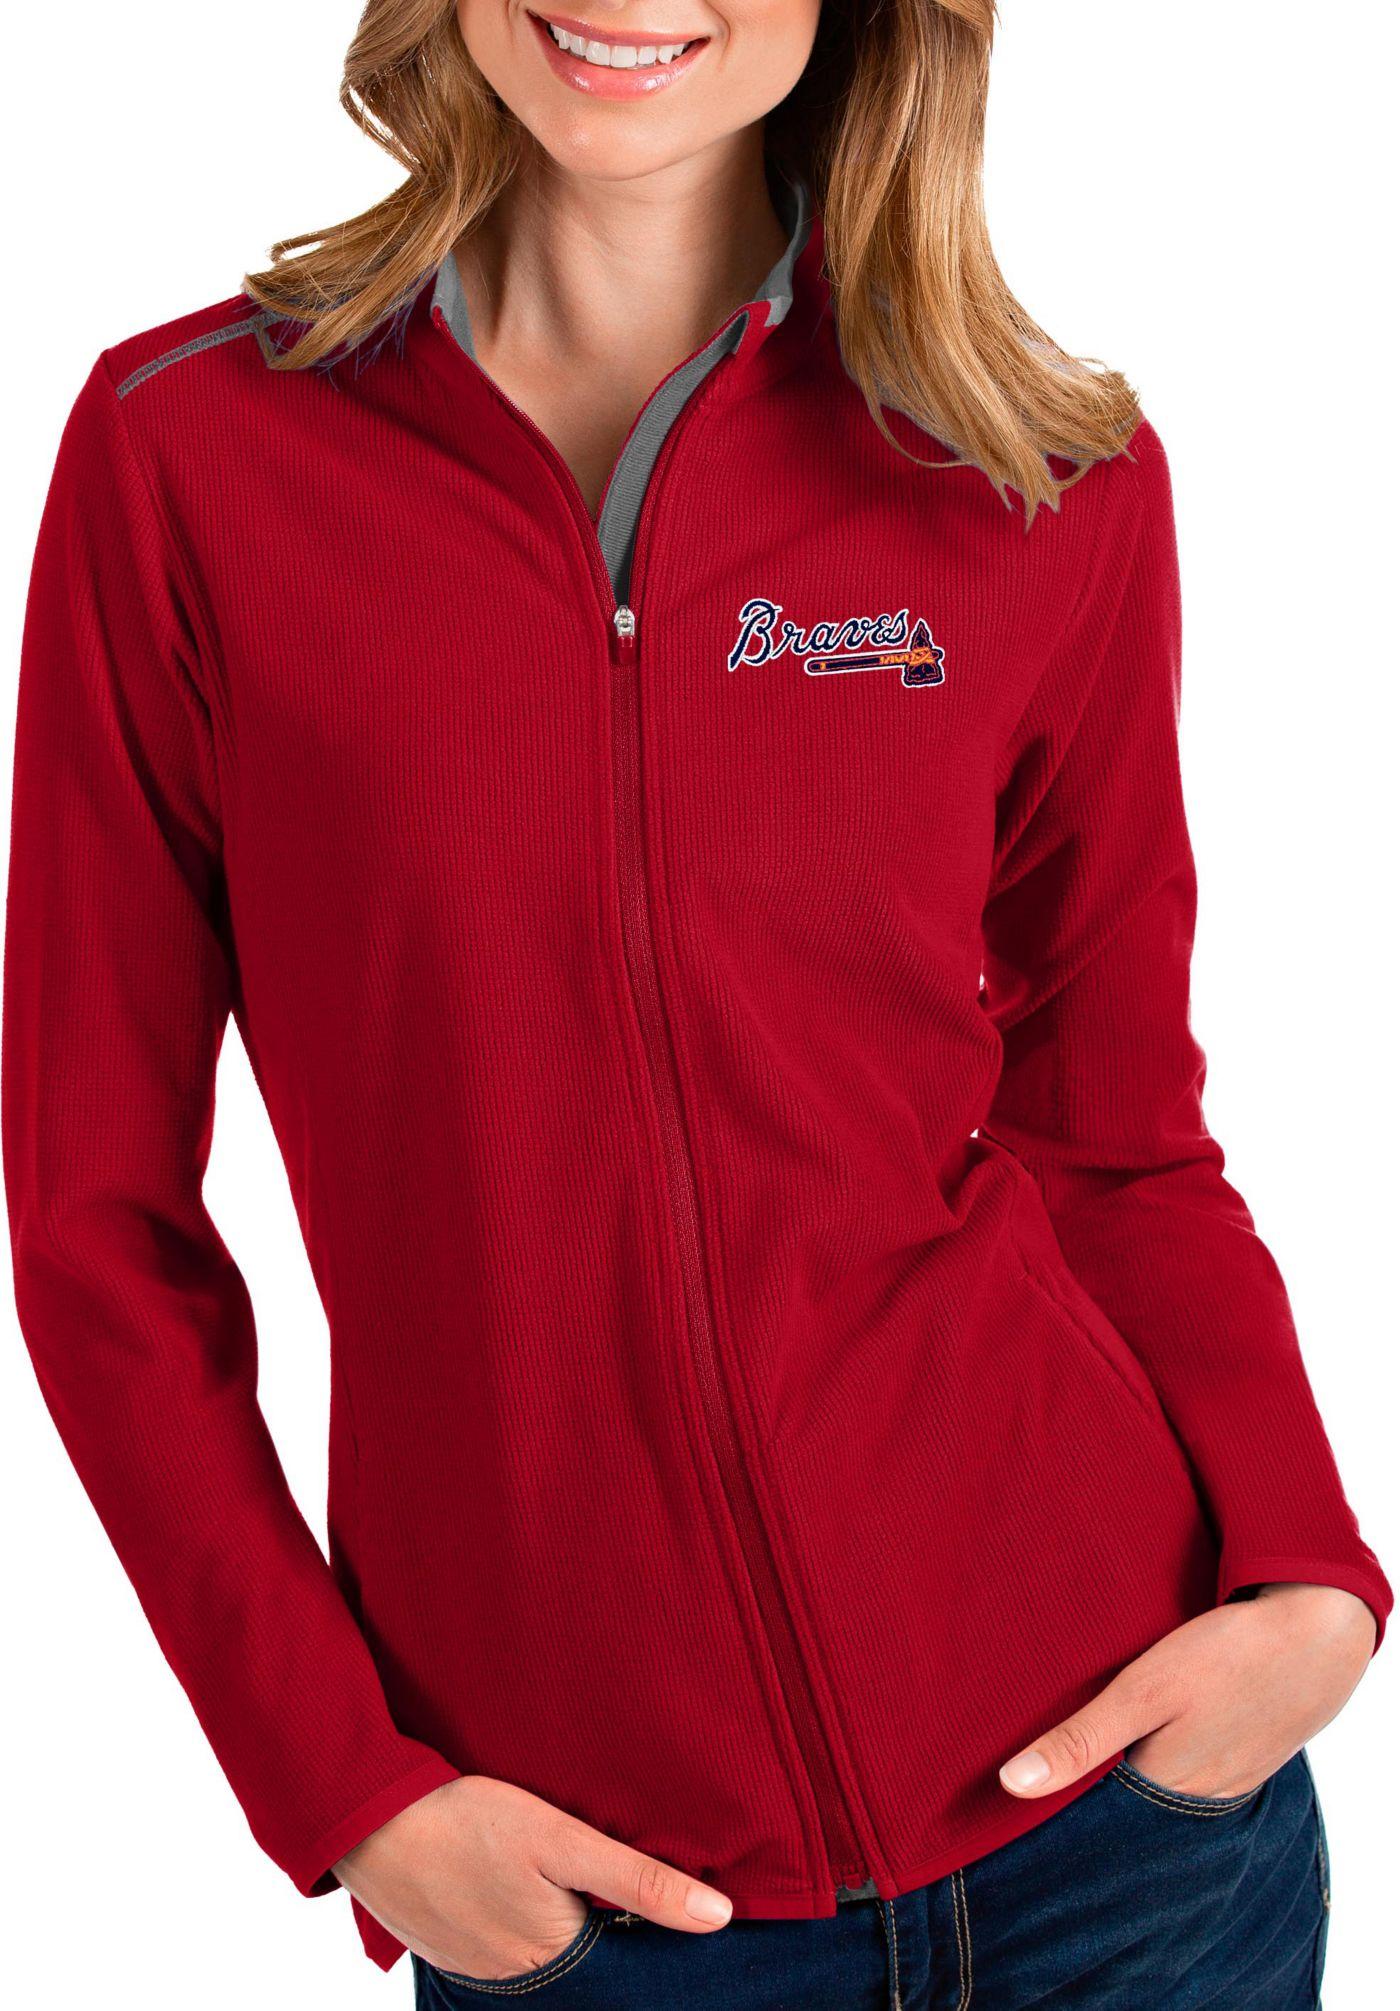 Antigua Women's Atlanta Braves Red Glacier Full-Zip Jacket